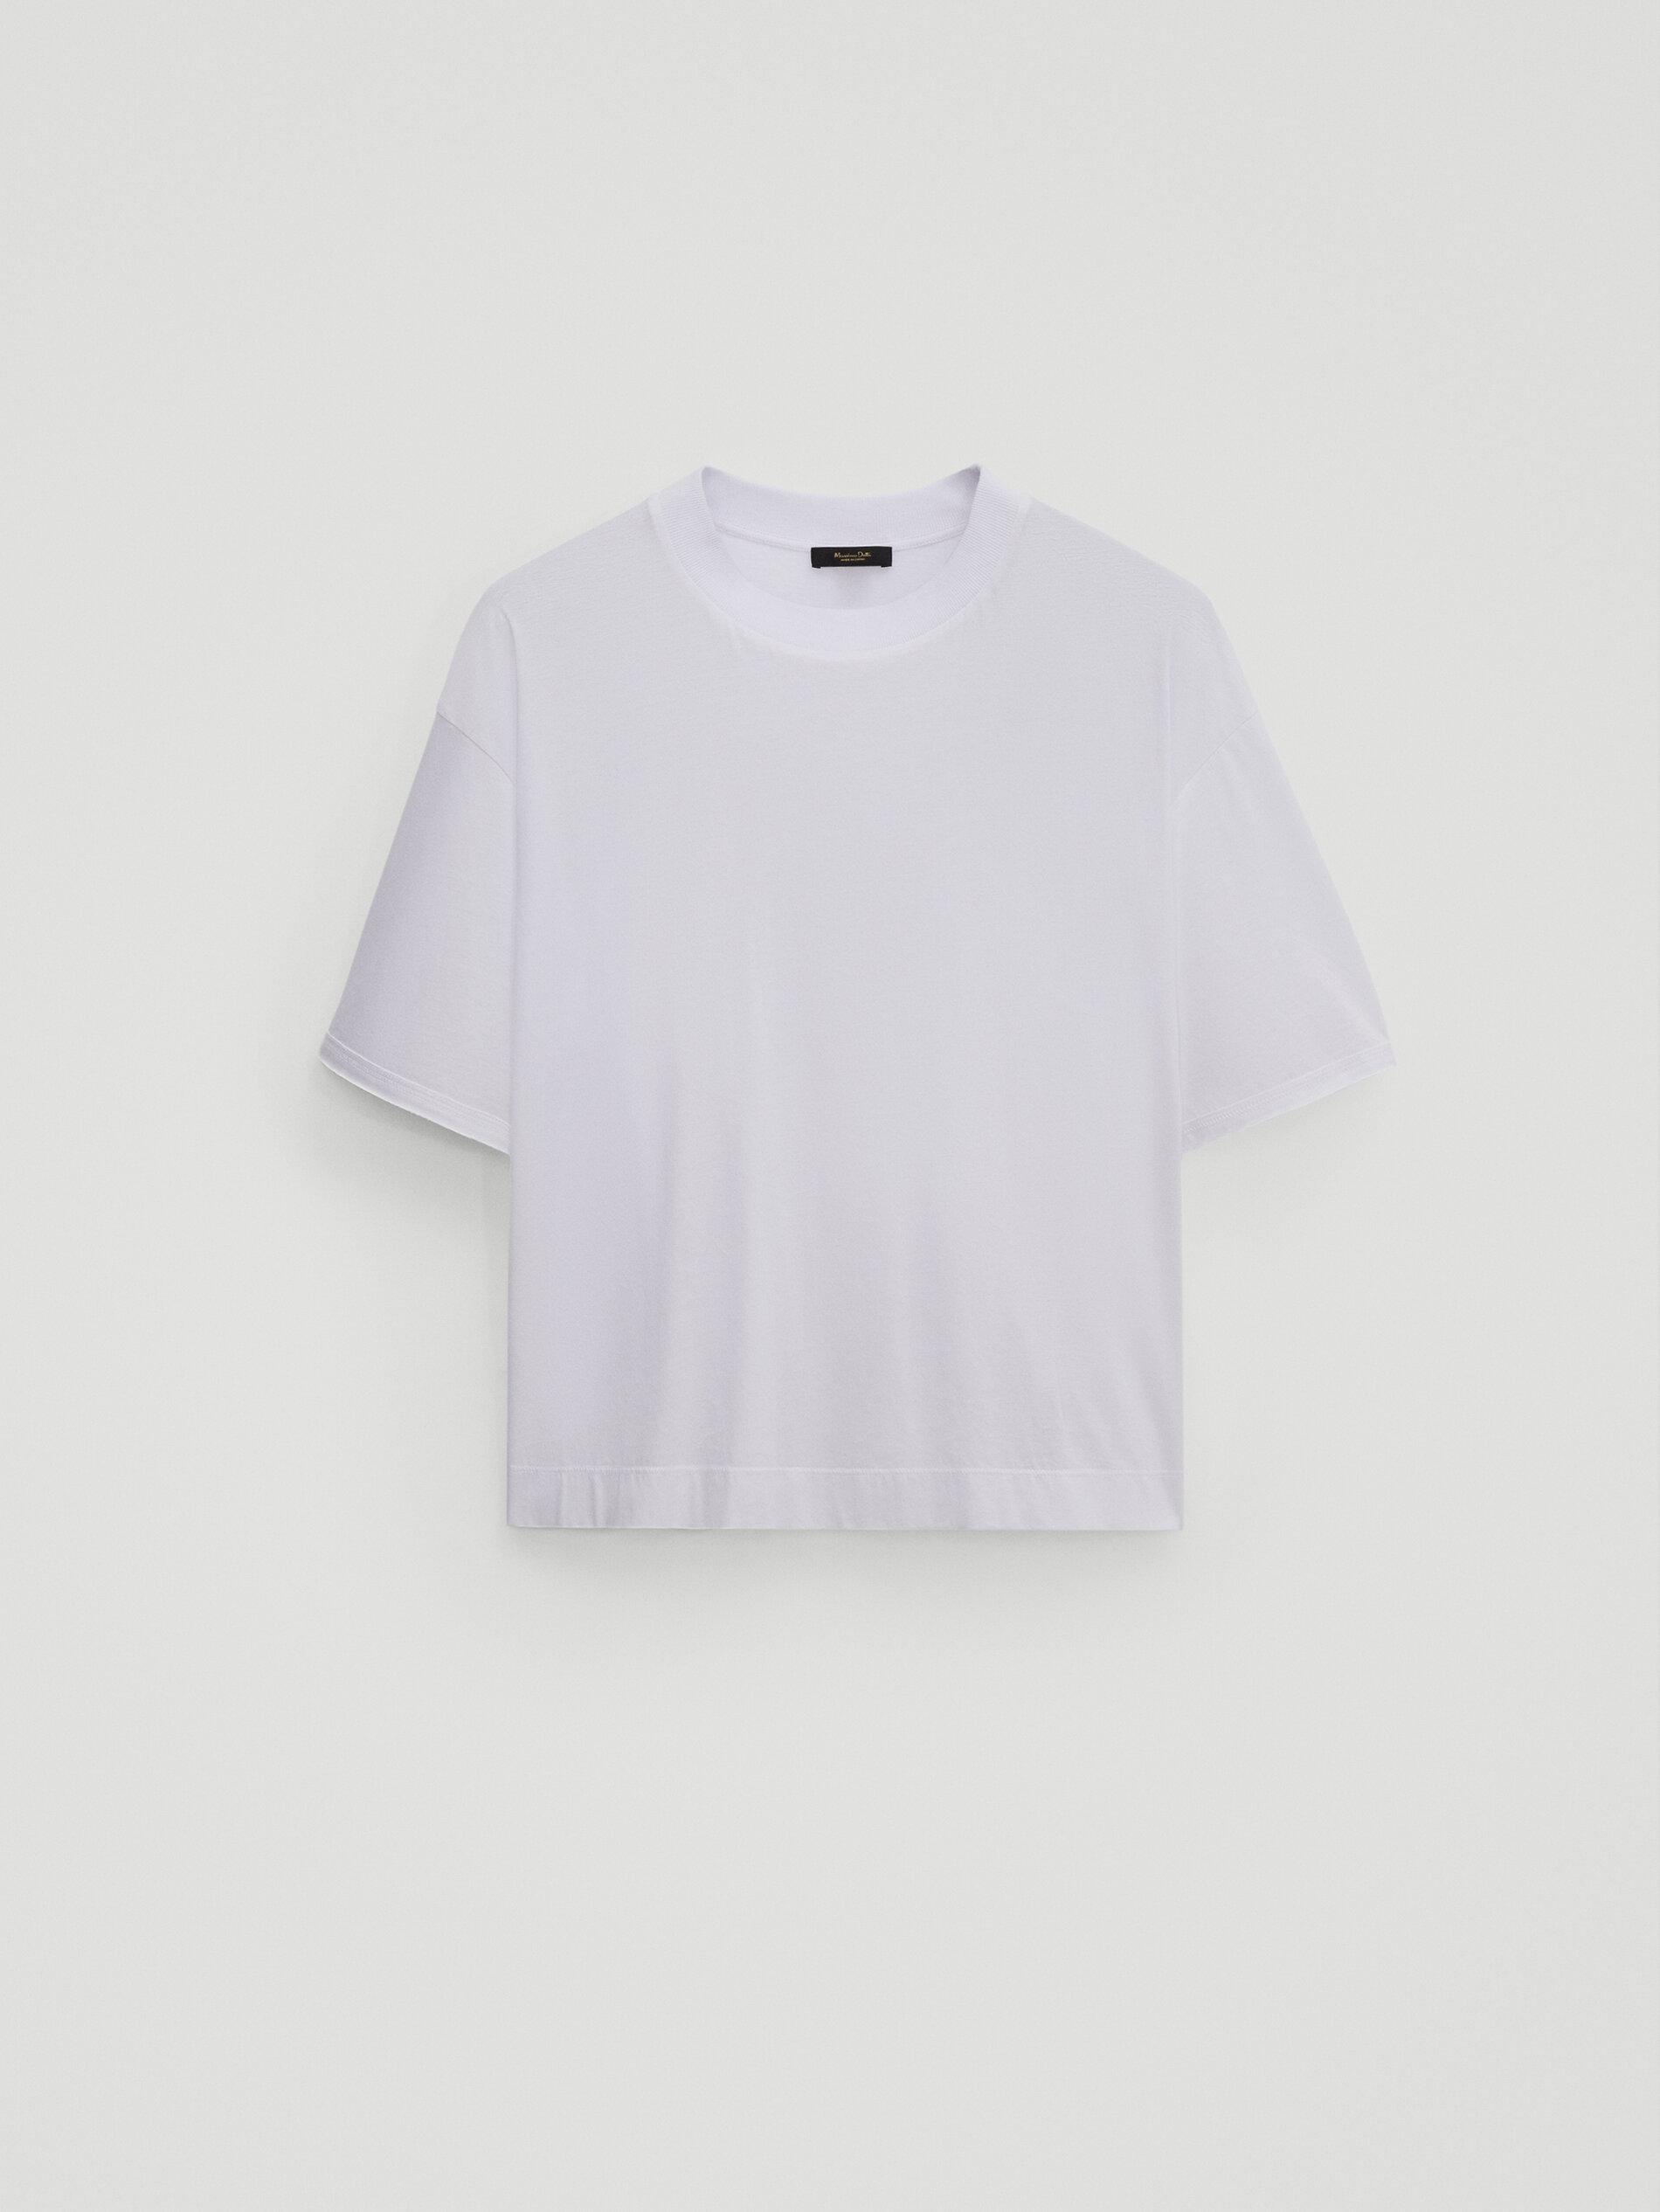 Camiseta blanca, de Massimo Dutti.